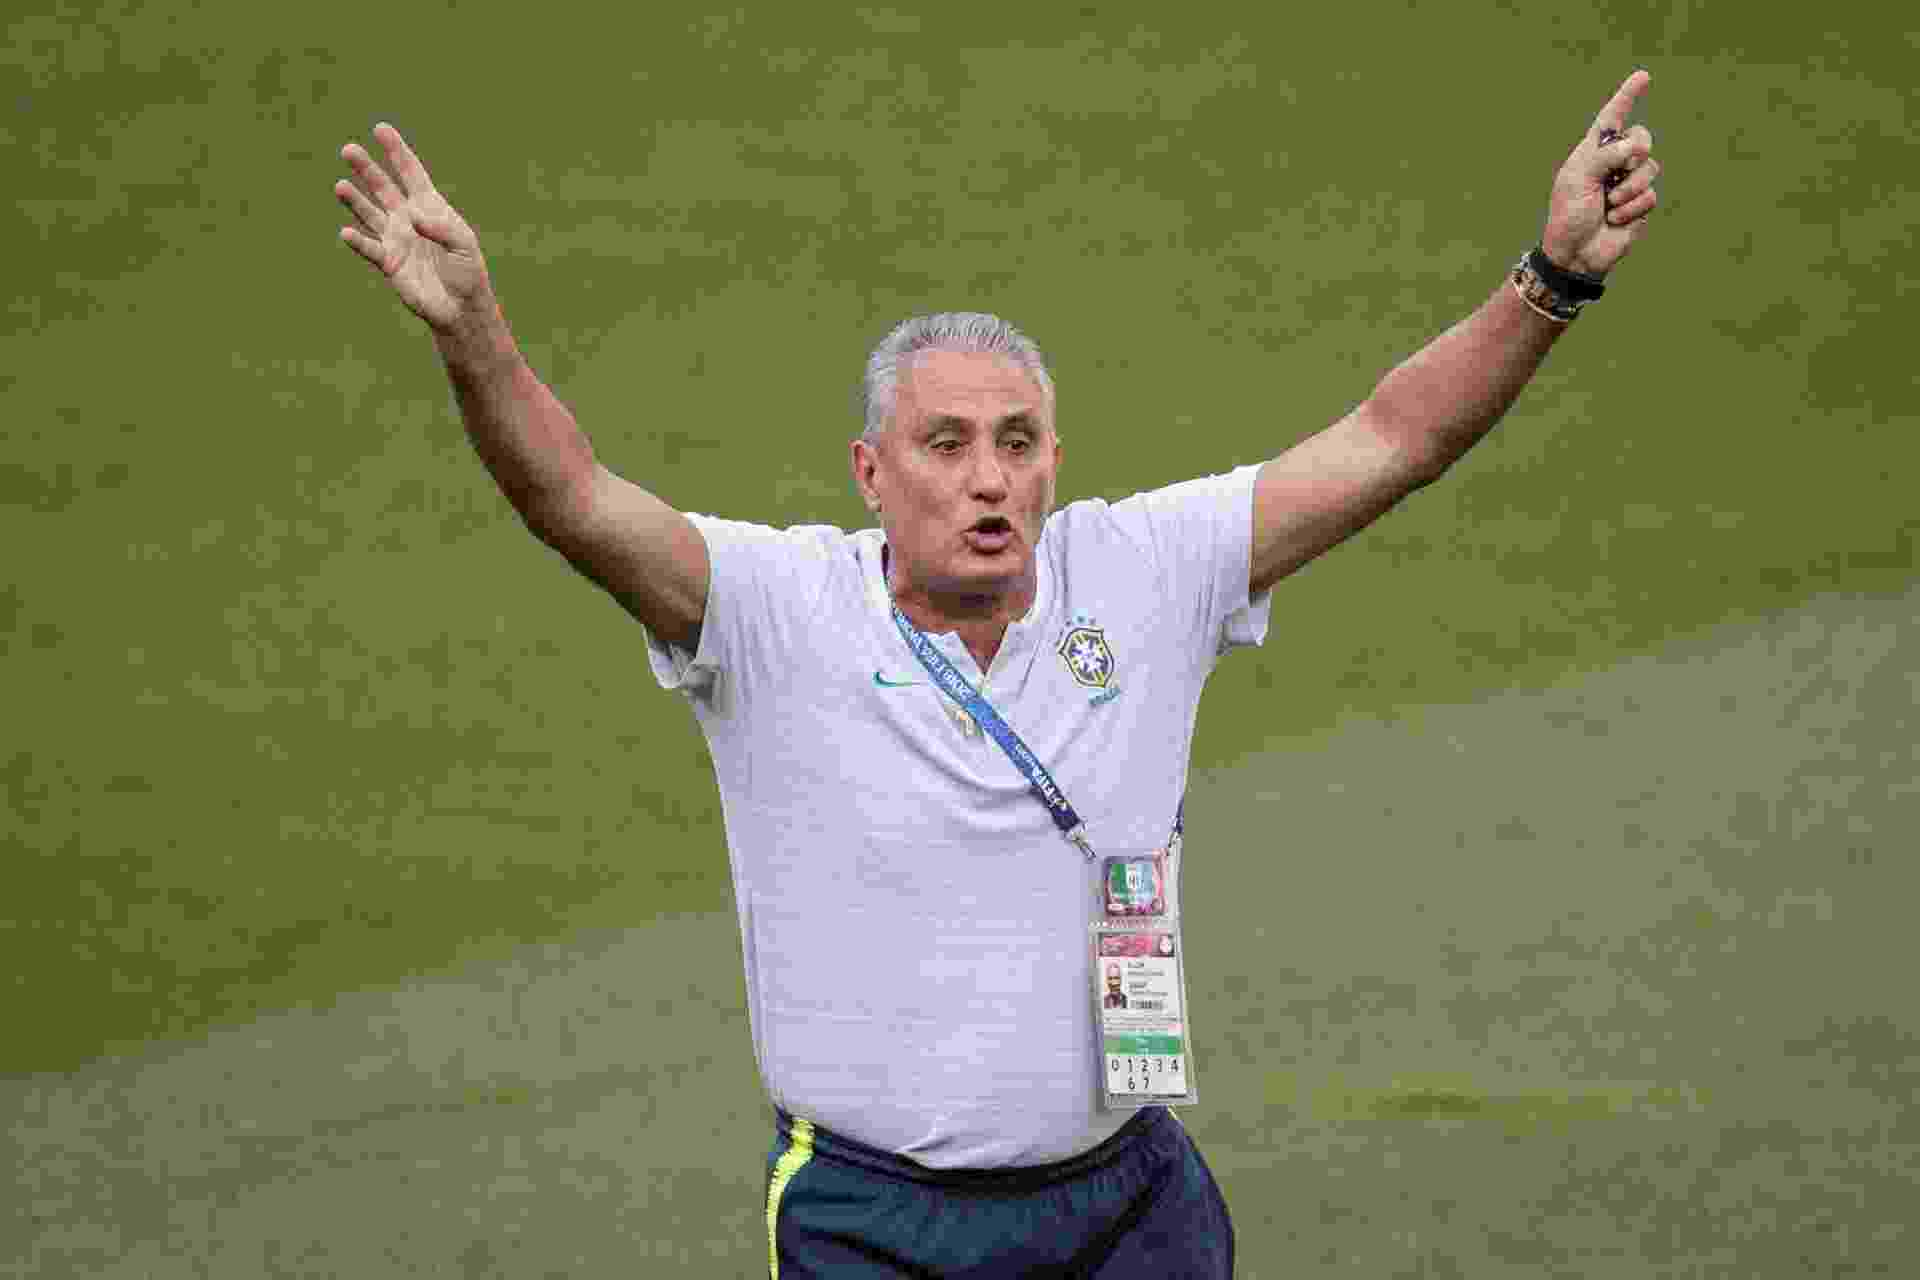 Tite gesticula durante treino da seleção brasileira - Pedro Martins / MoWA Press